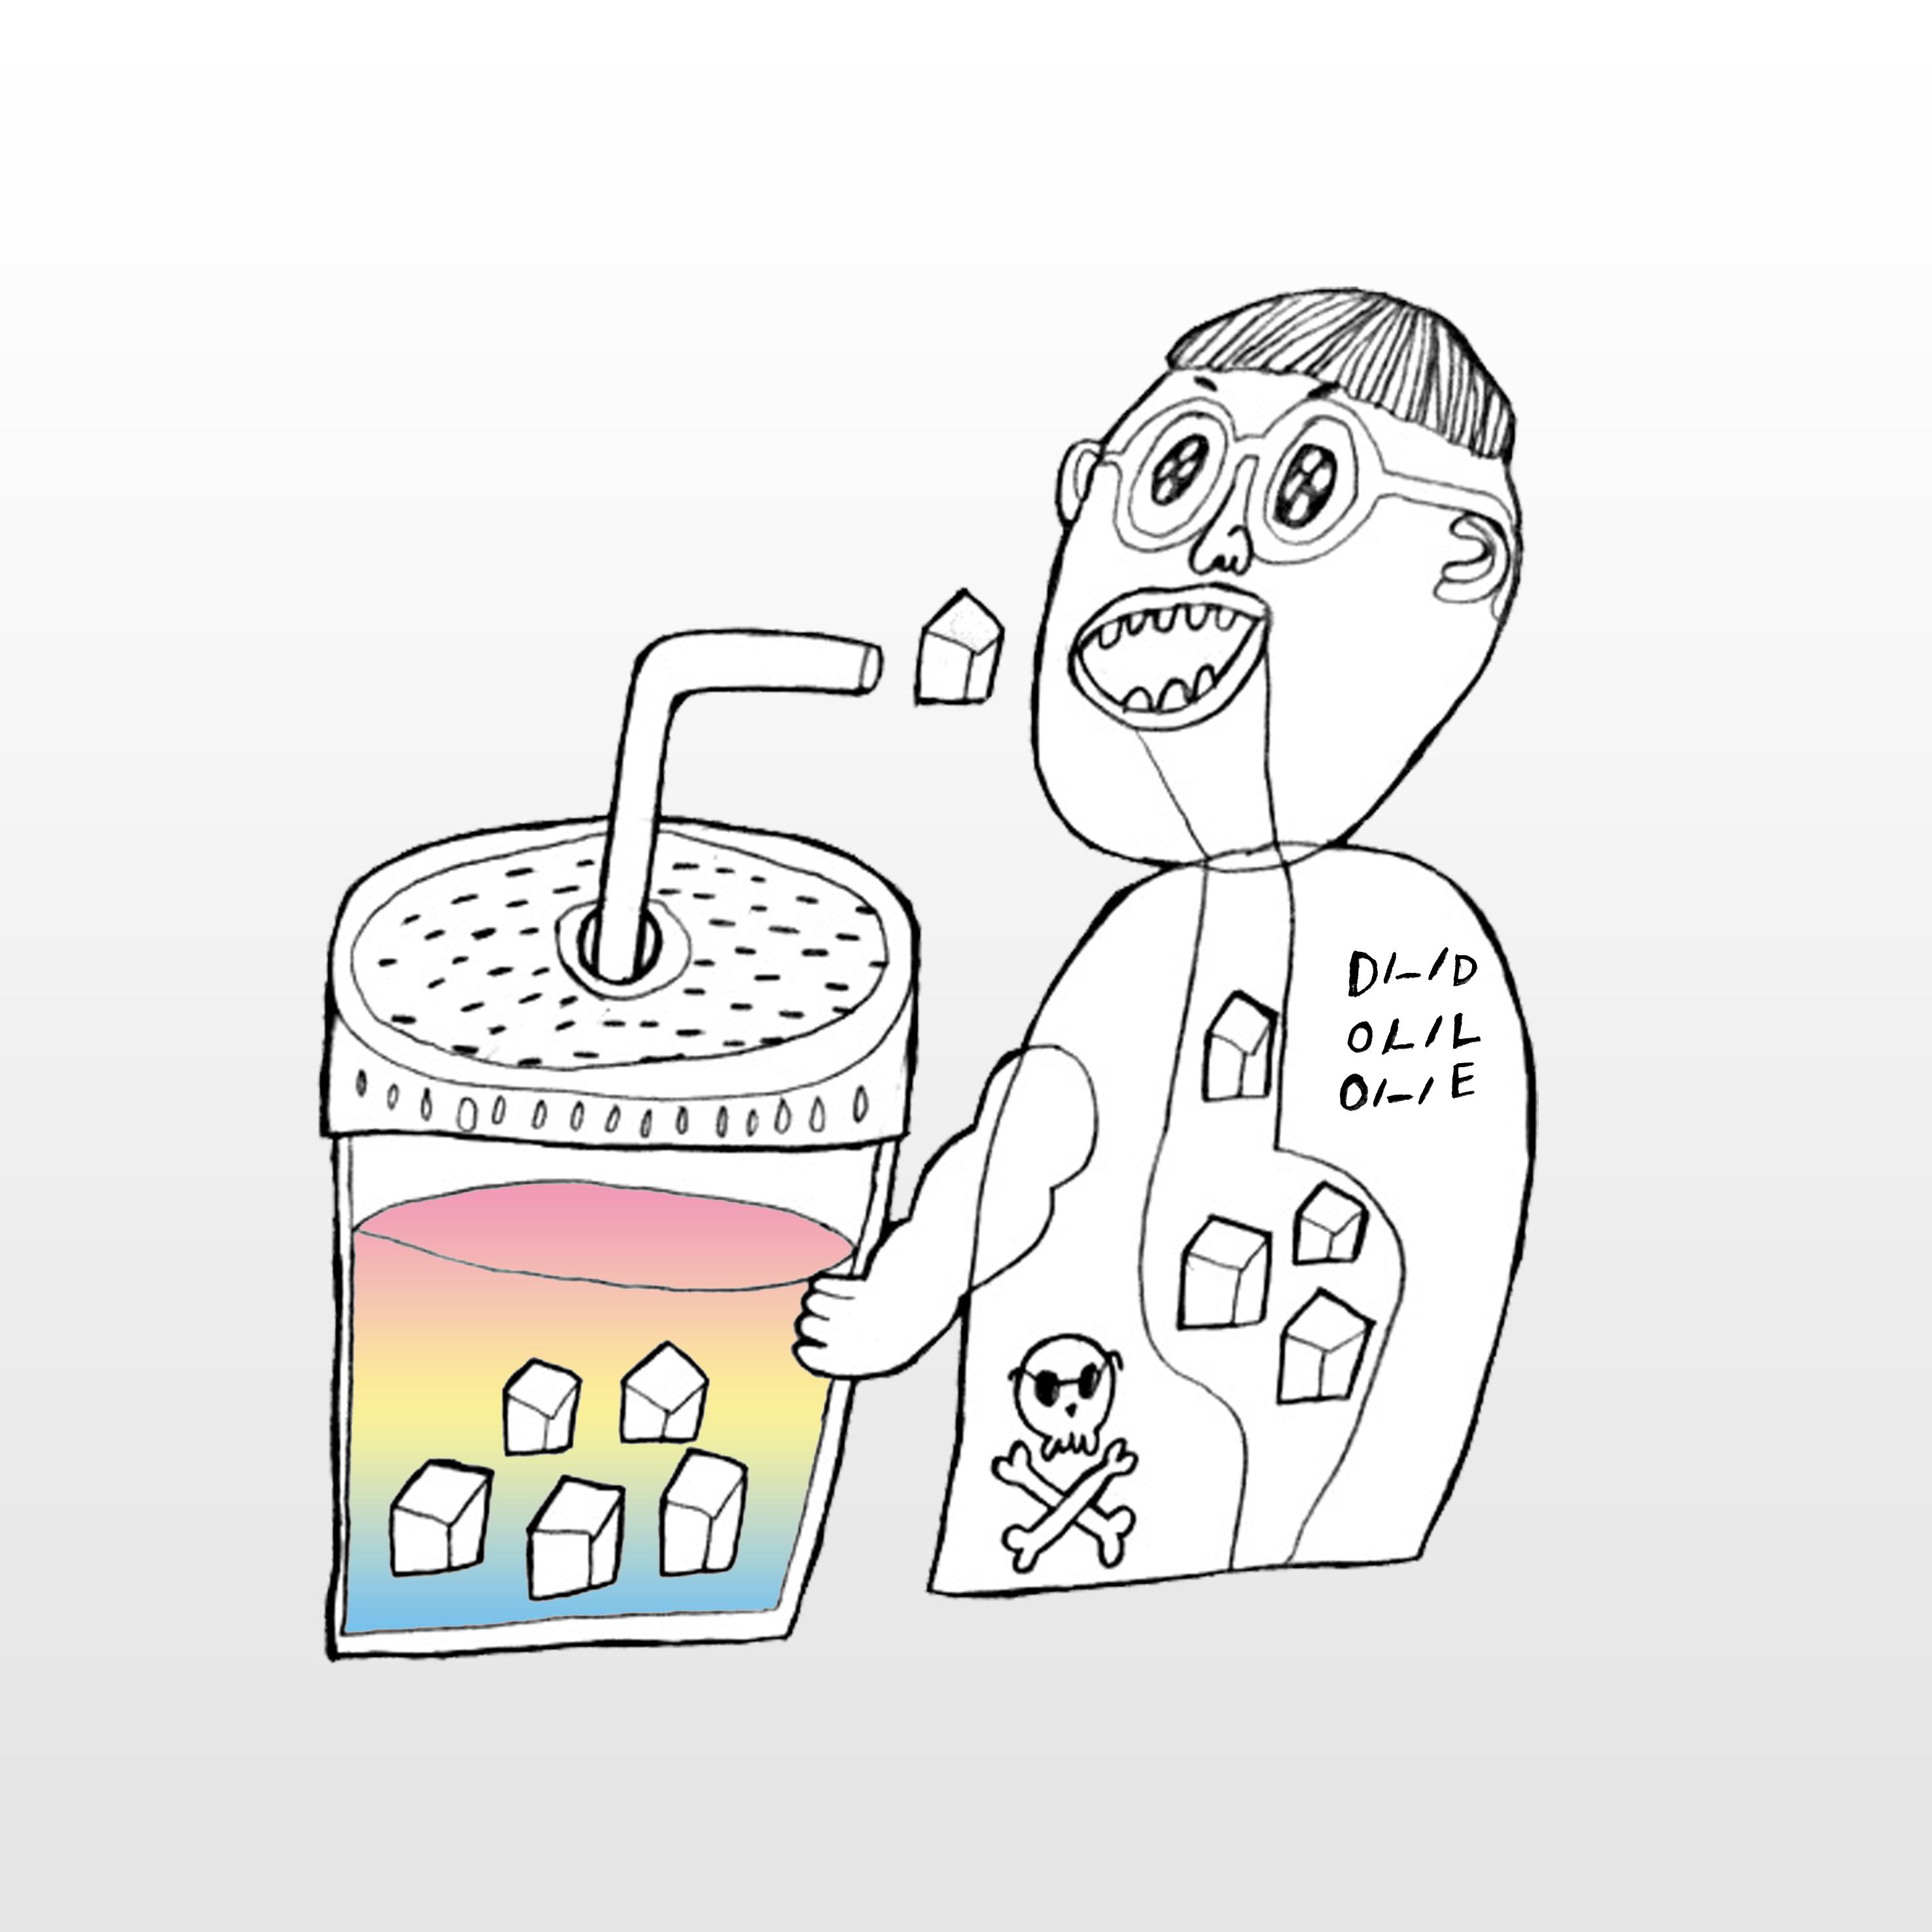 动漫 简笔画 卡通 漫画 手绘 头像 线稿 2953_2953